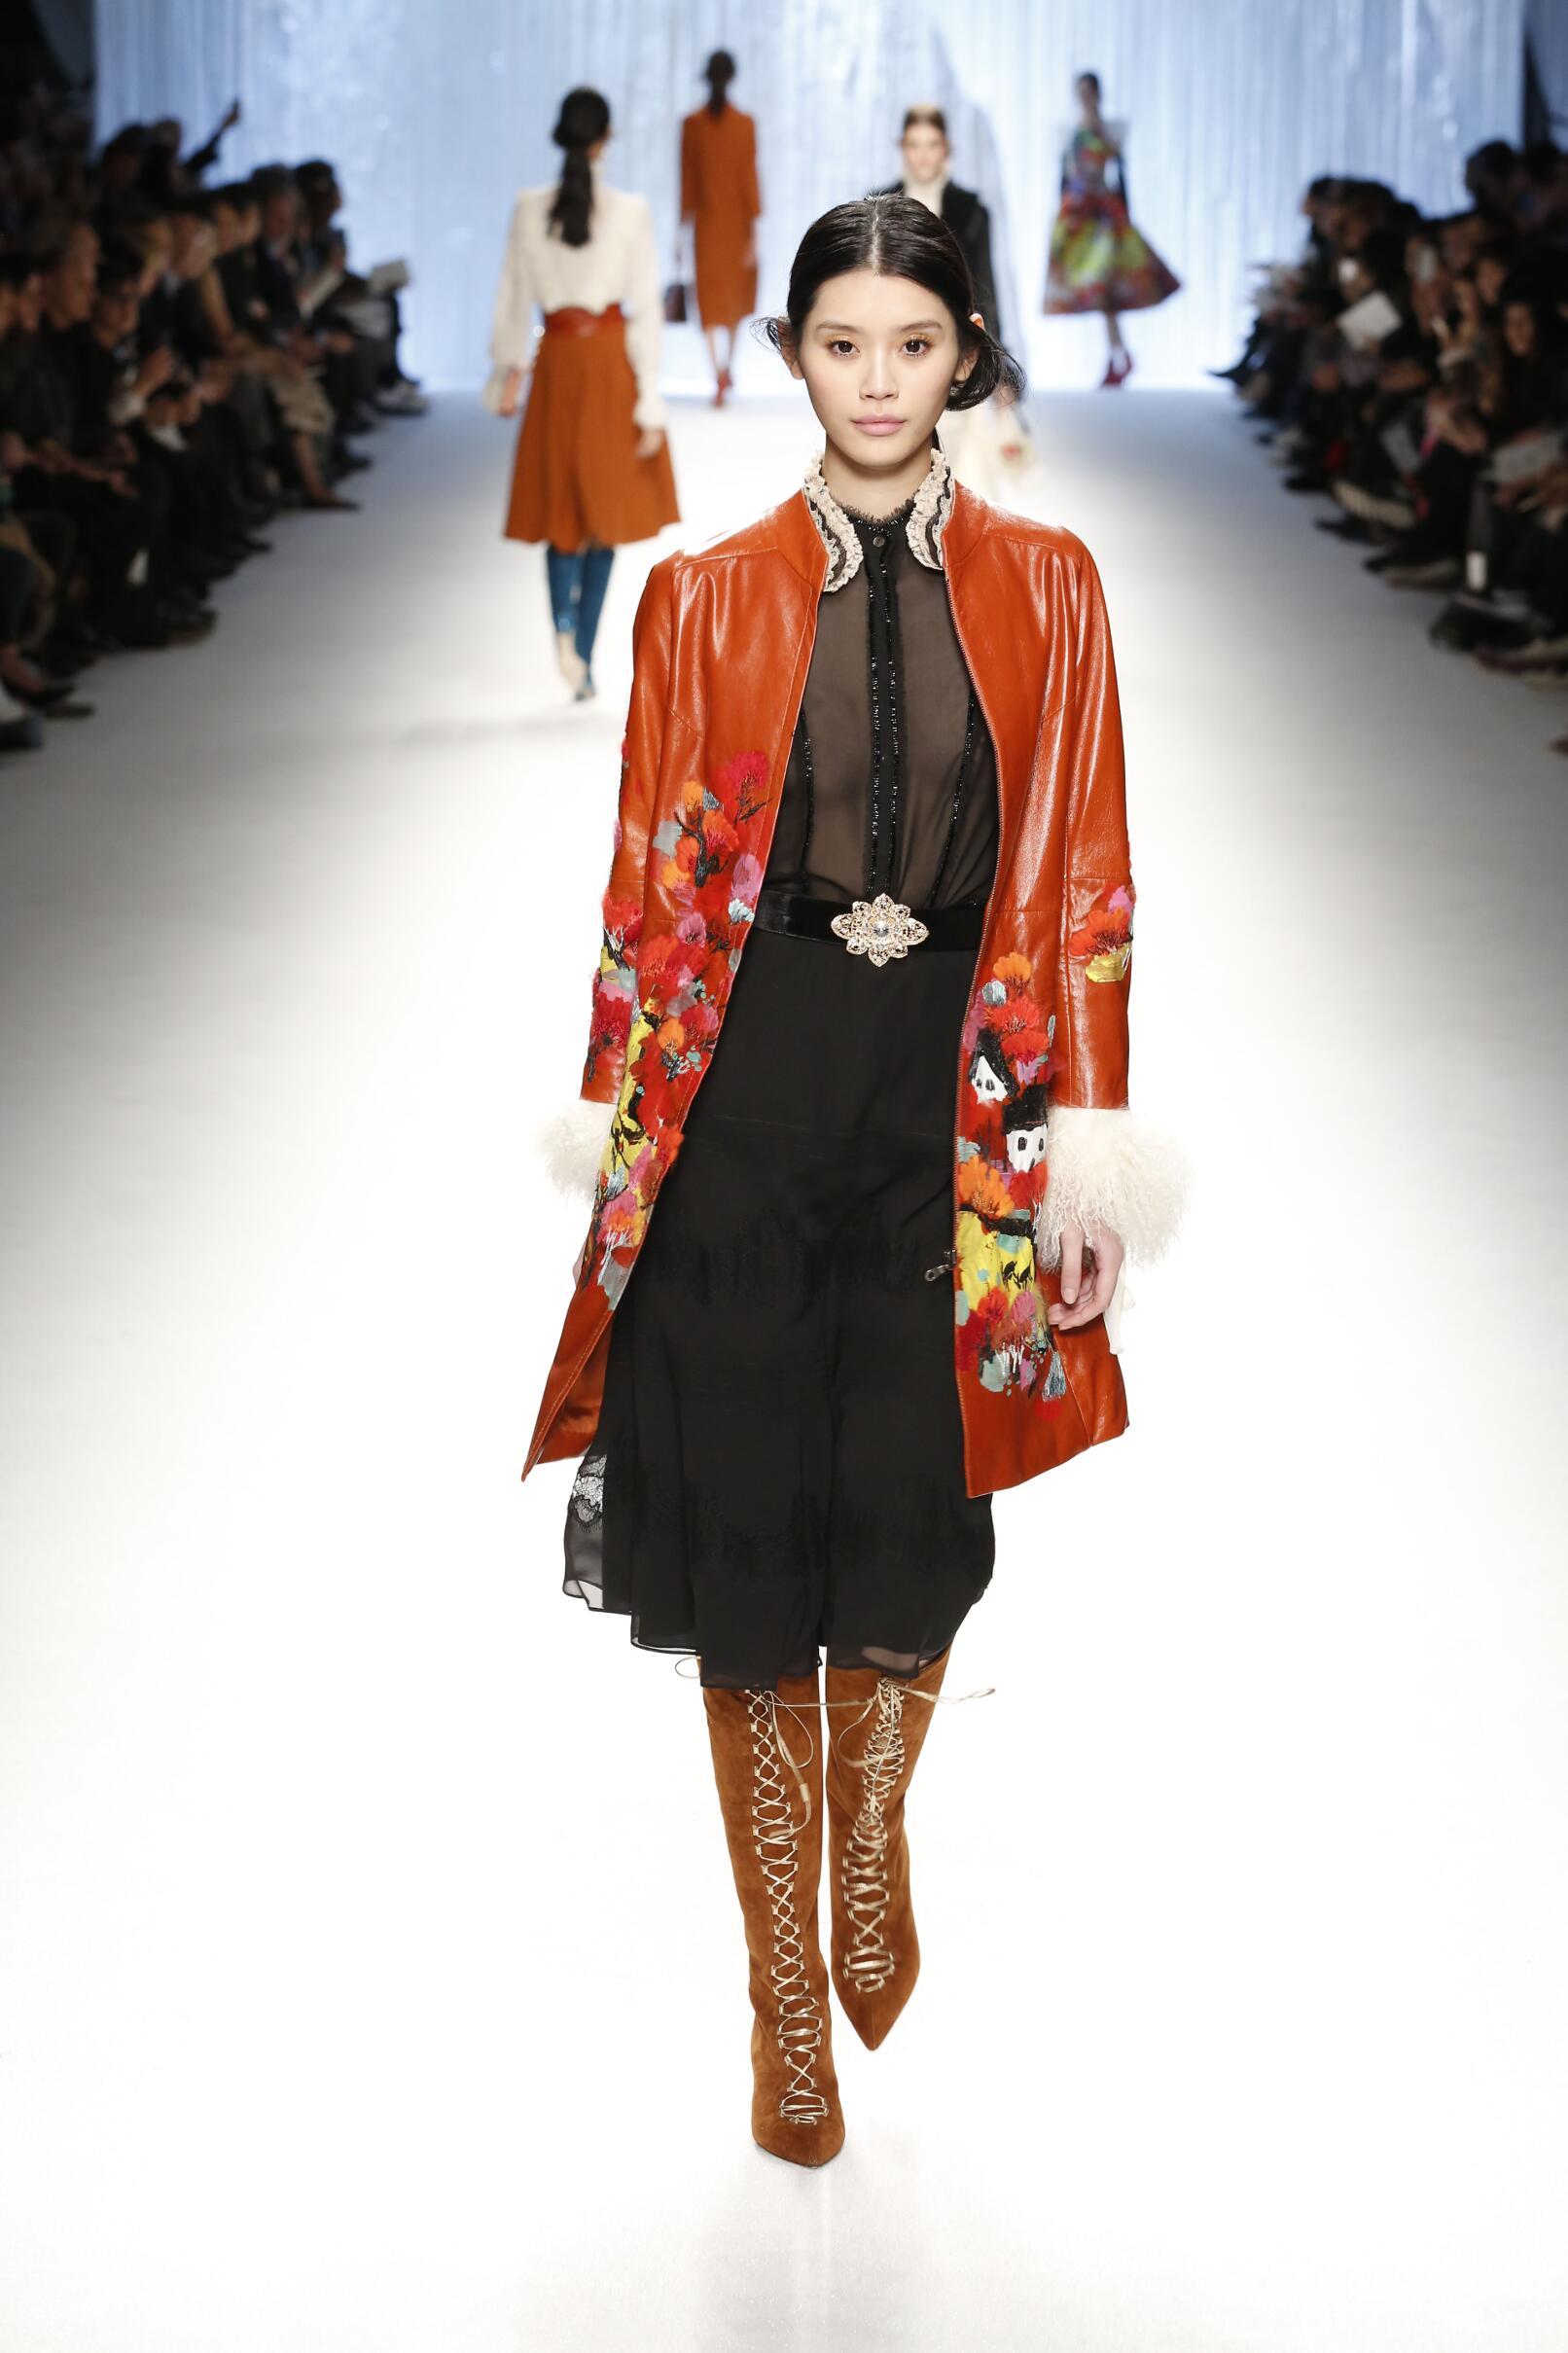 Winter 2015 Fashion Trends Shiatzy Chen Collection